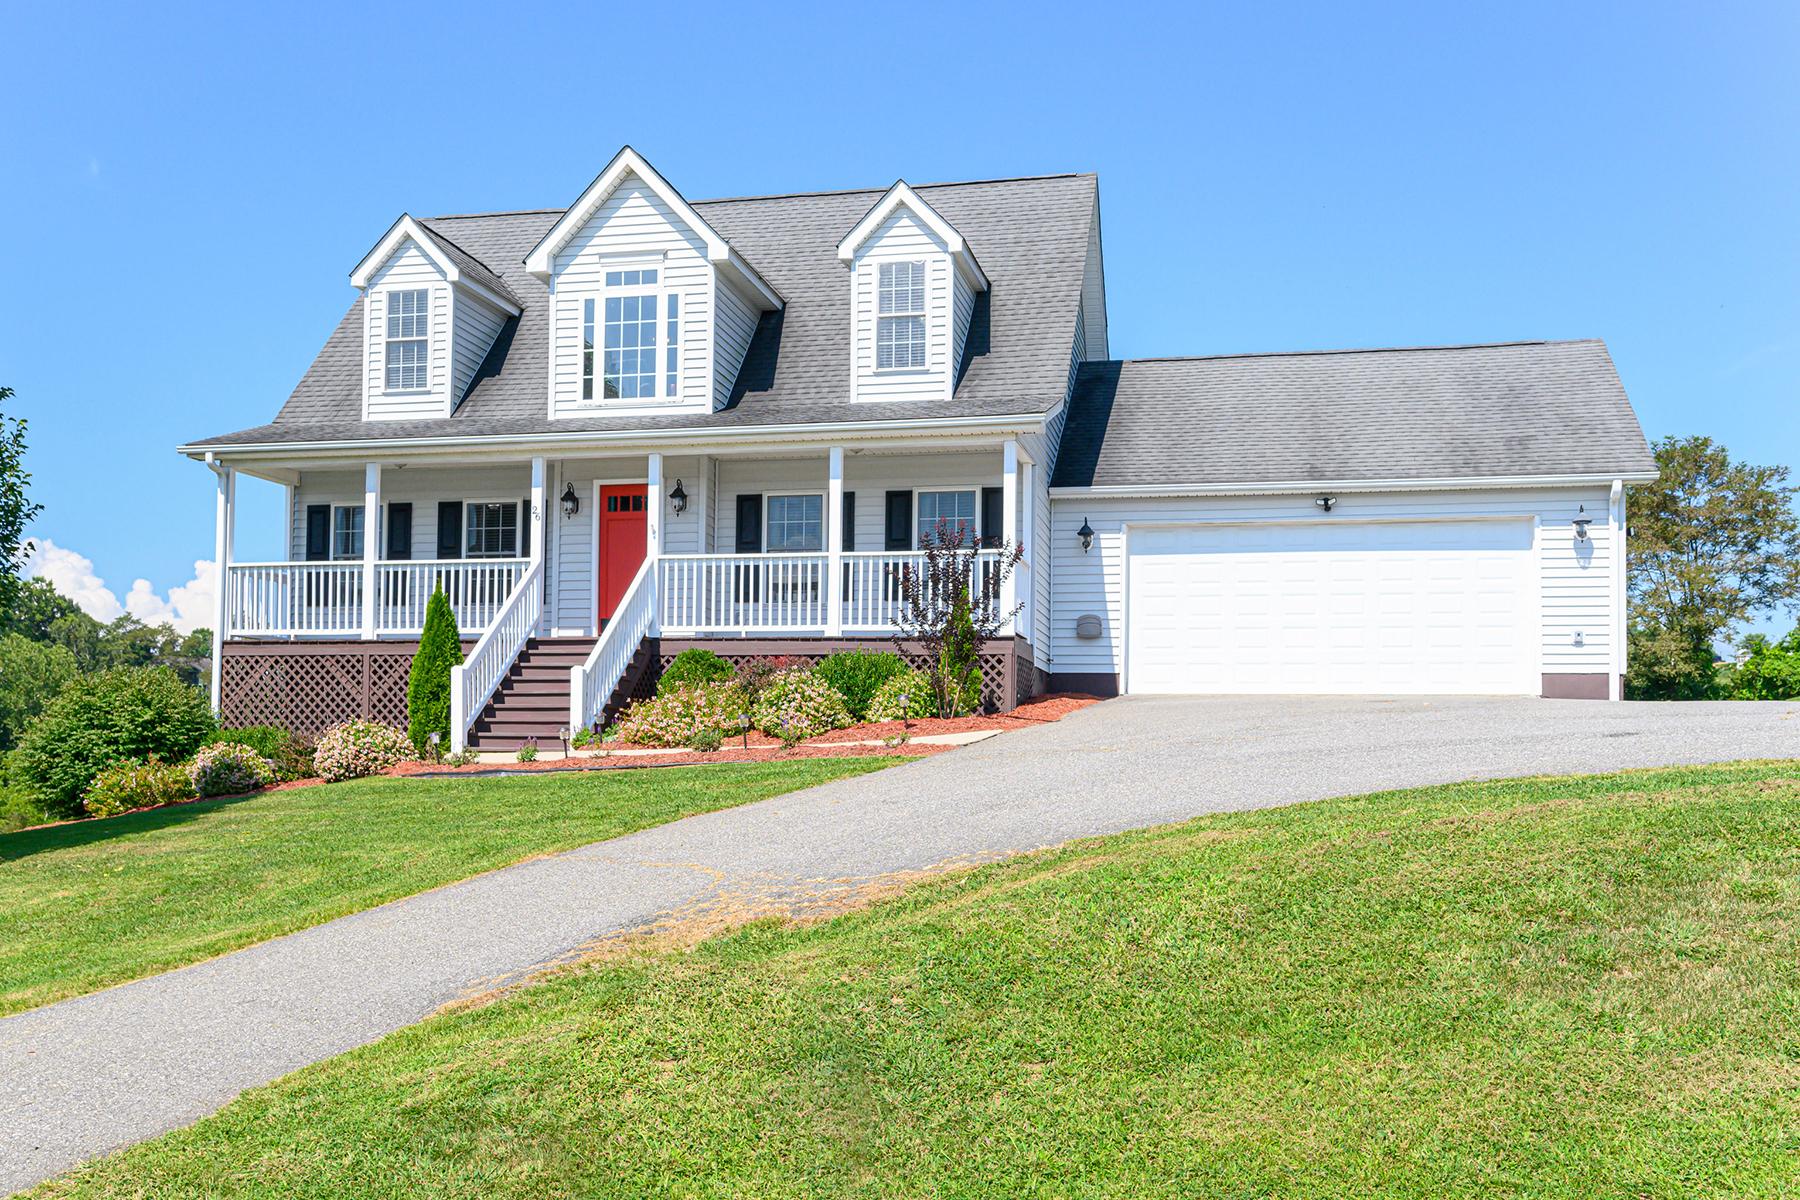 Single Family Homes for Active at CASTLEWOOD ESTATES 26 Castlewood Dr Alexander, North Carolina 28701 United States